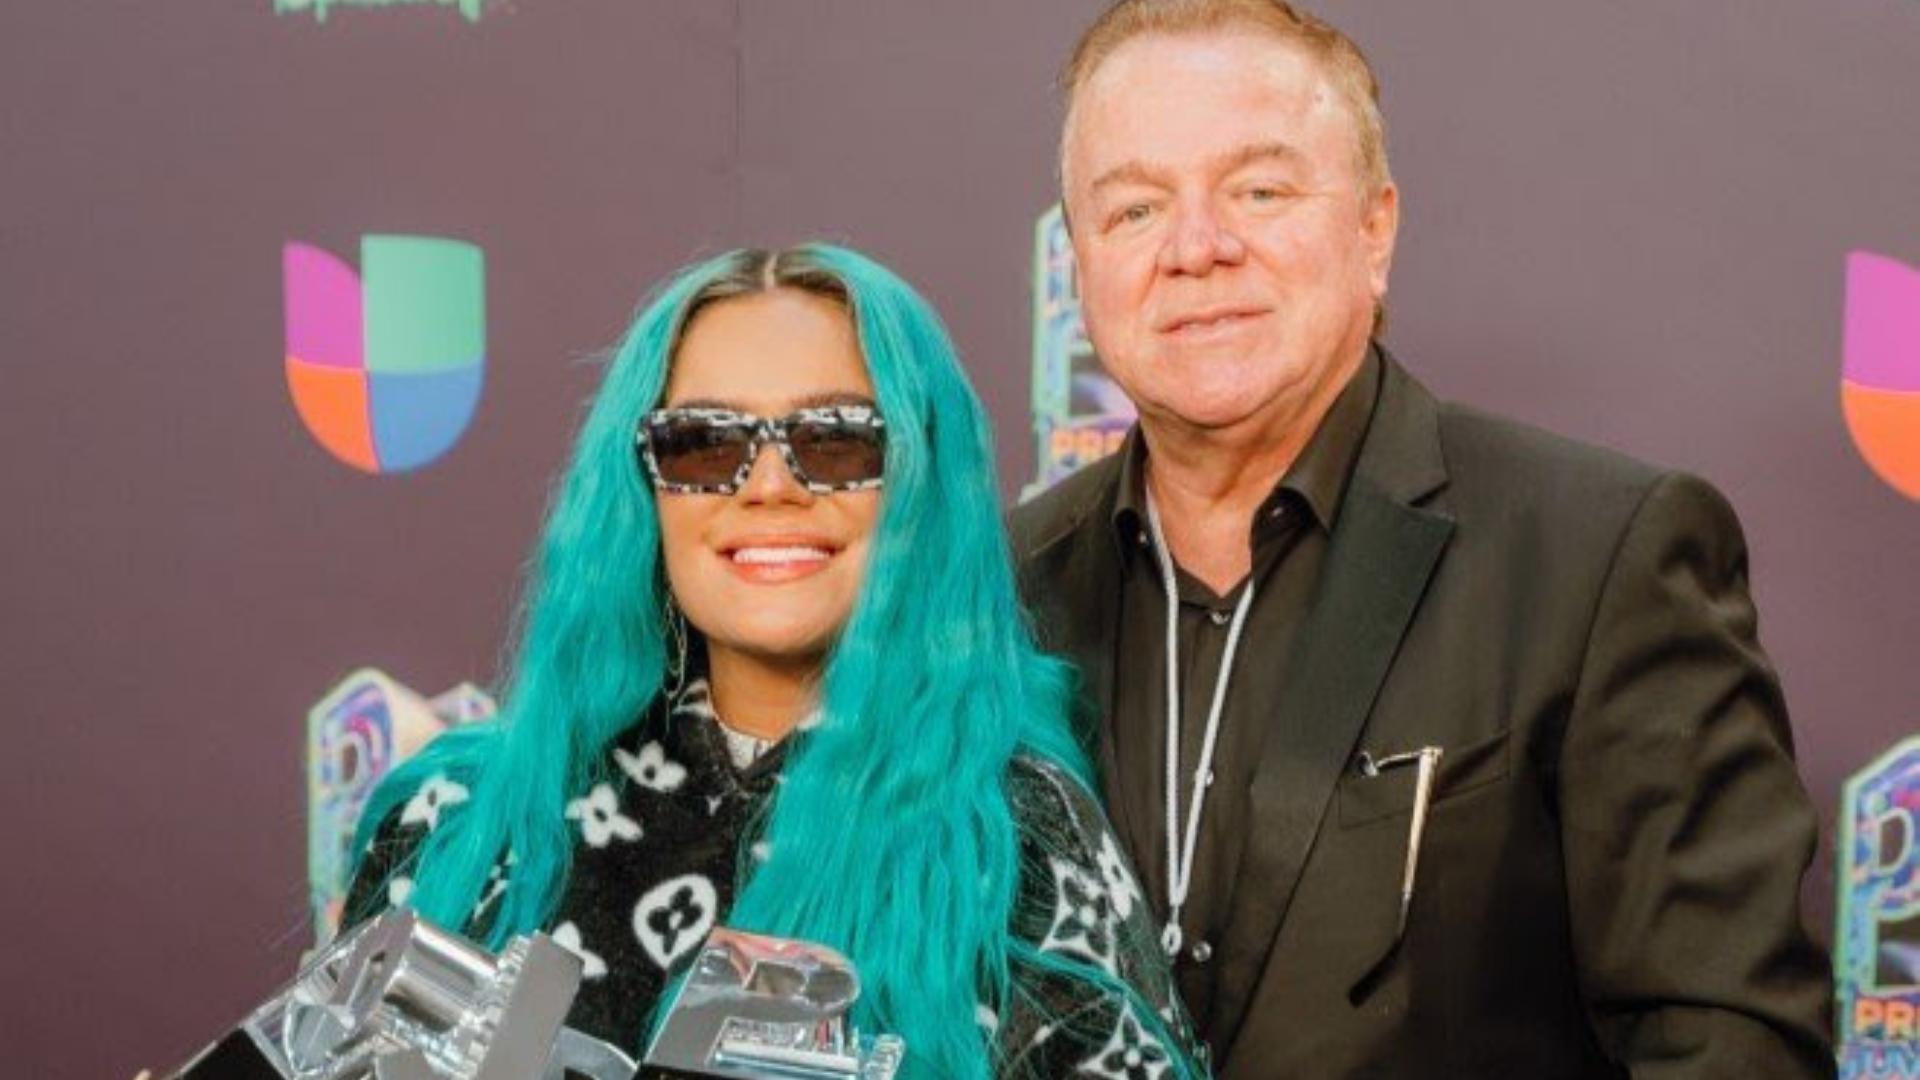 Demostrando una vez más su gran influencia artística, Karol G logra causar un impacto importante durante la ceremonia de Premios Juventud. No solo fue la artista más nominada de la noche, sino que también fue la artista que recibió la mayoría de los galardones. Llevándose así un total de seis premios.